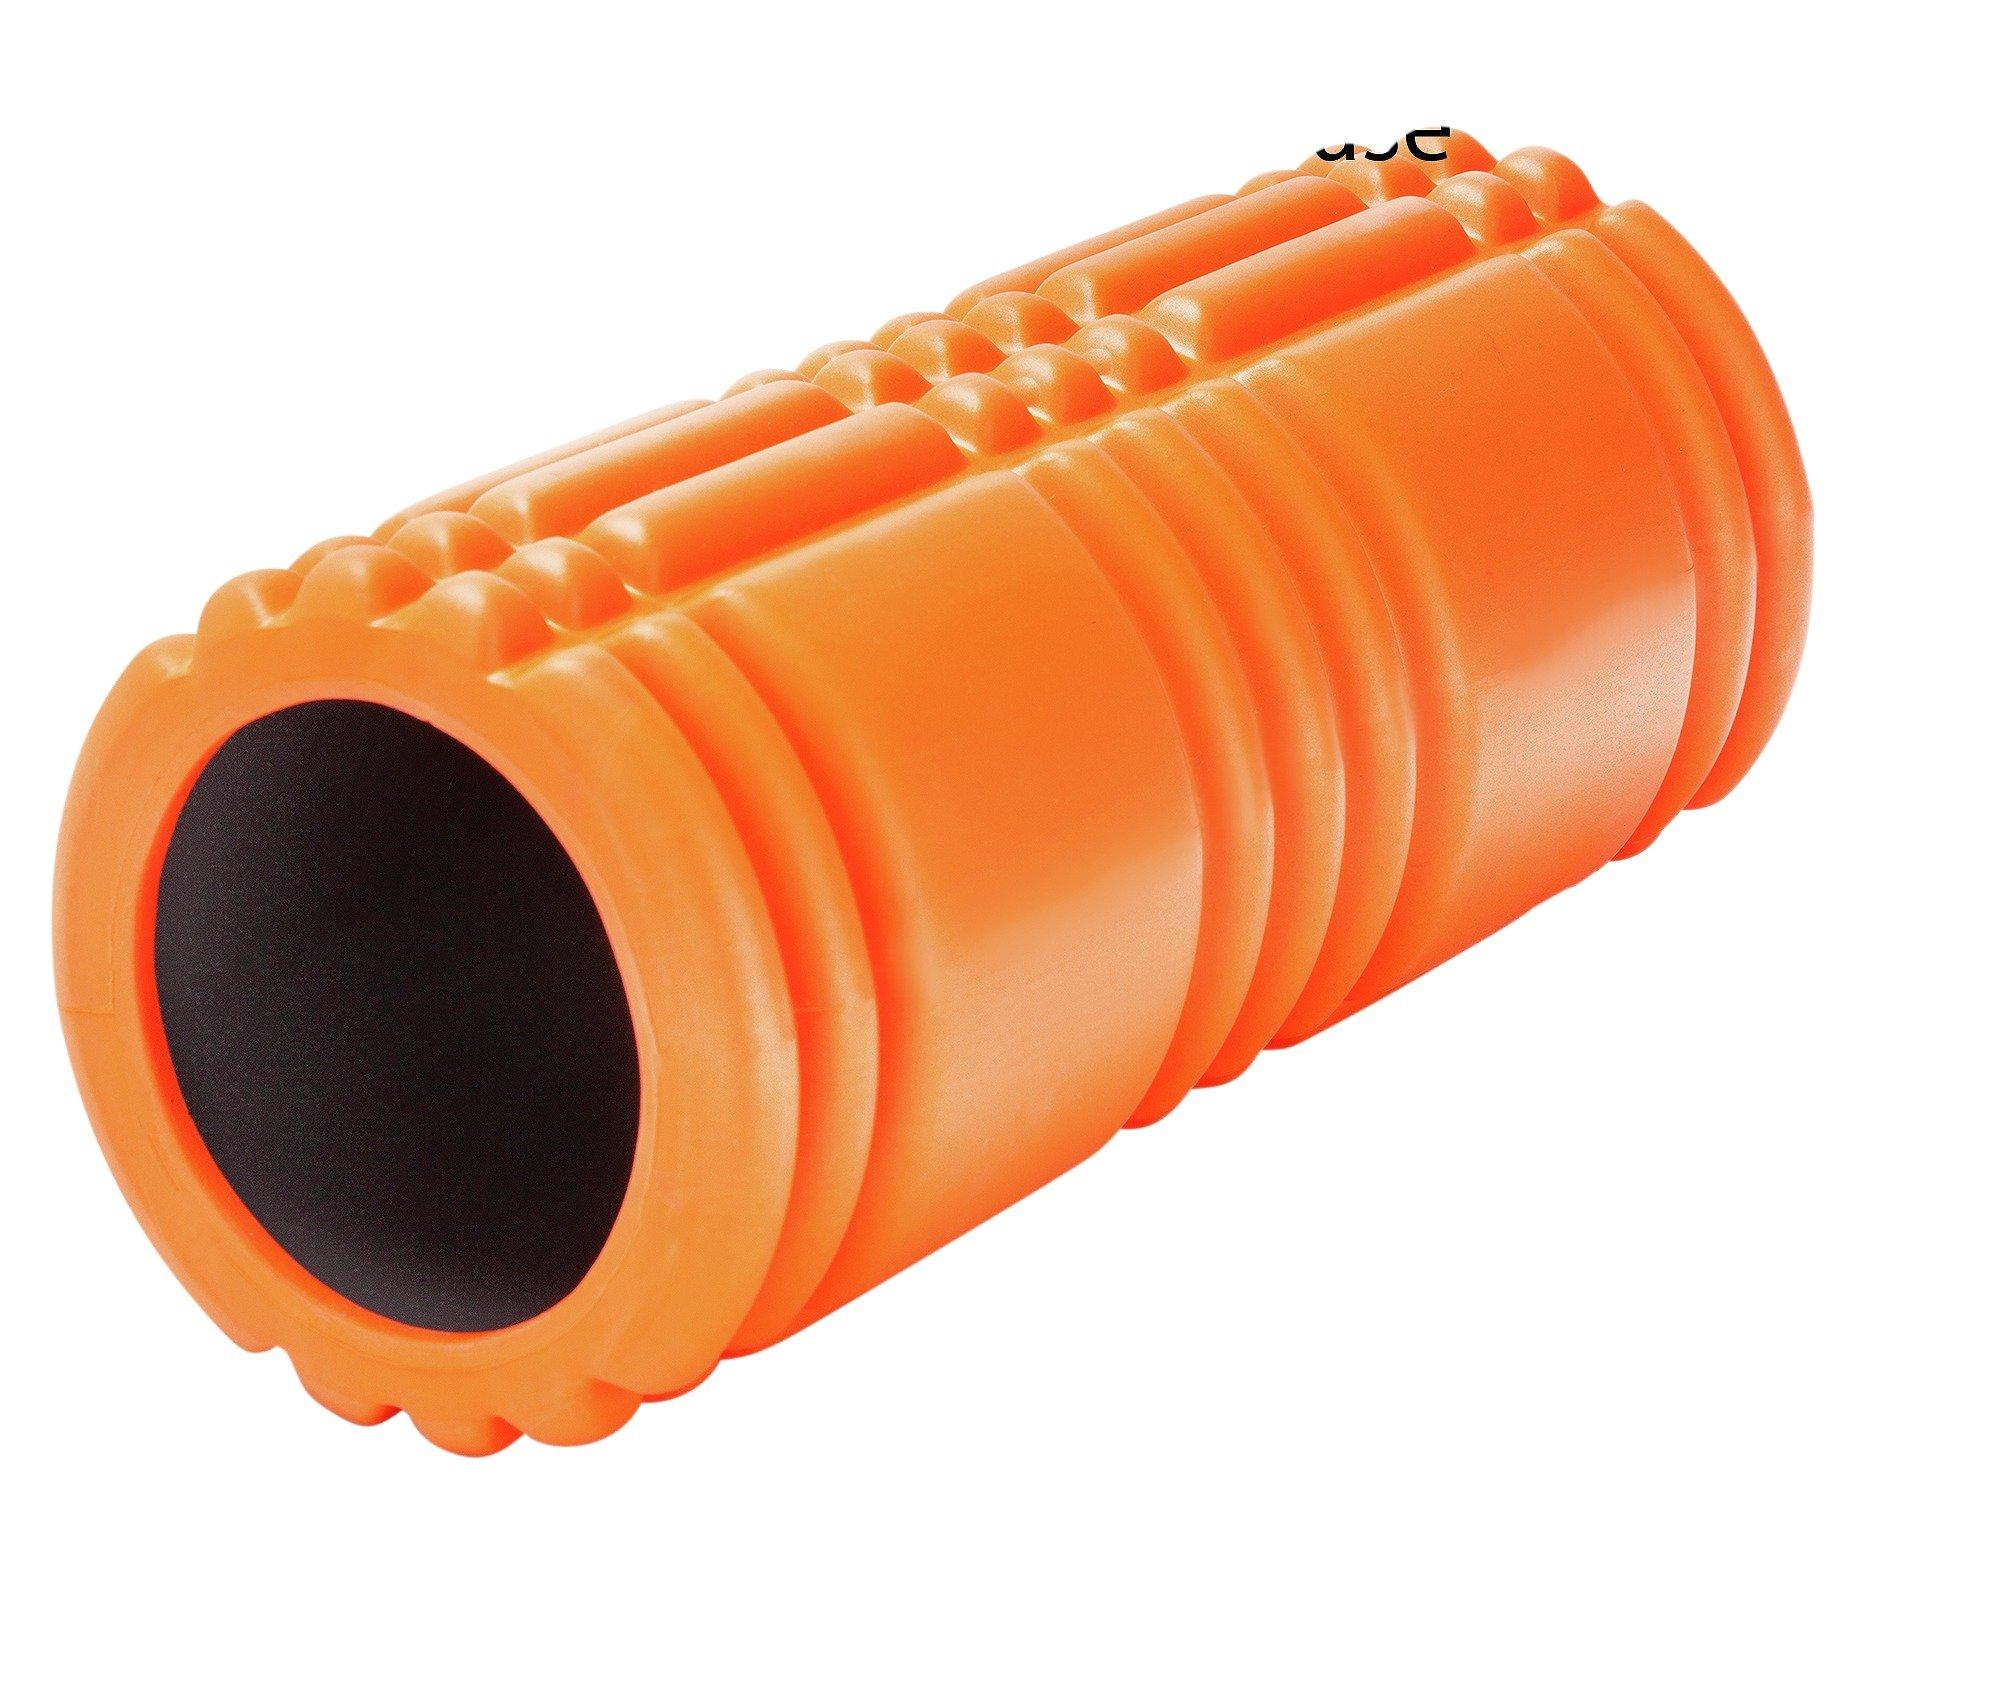 Women's Health Foam Roller